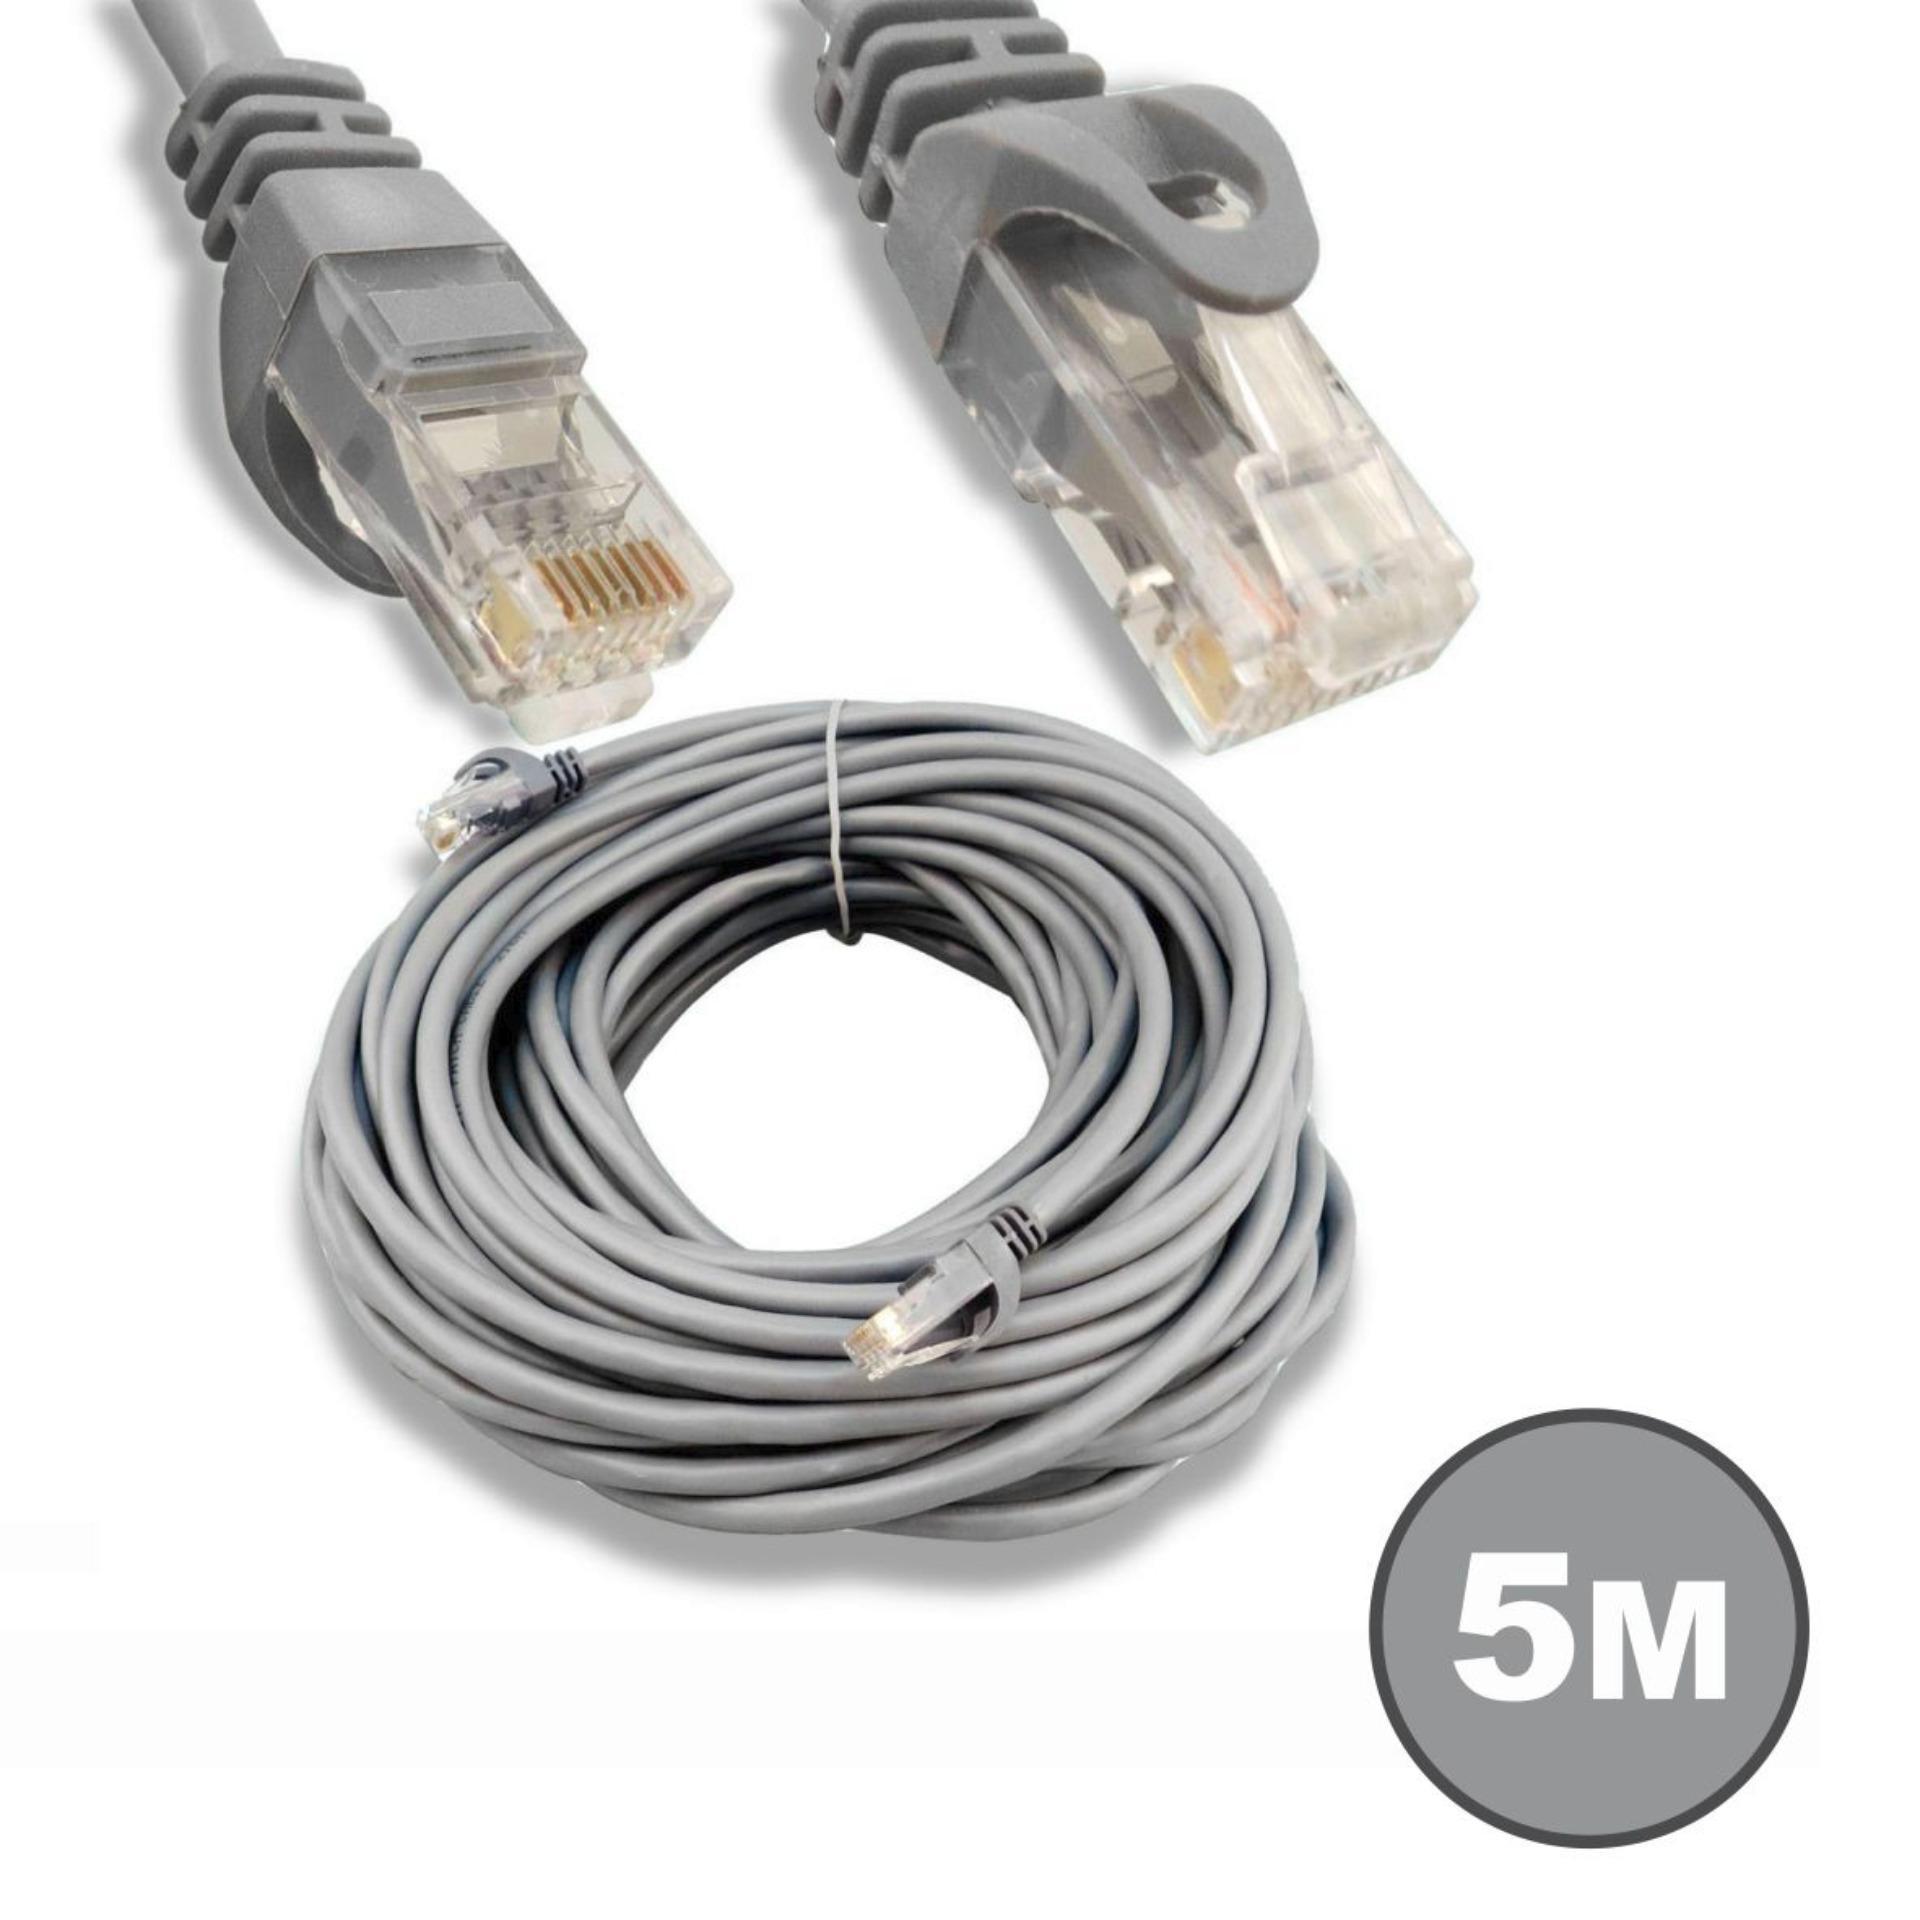 weitech kabel lan 5m cat 5 / kabel utp 5 meter pabrikan high quality